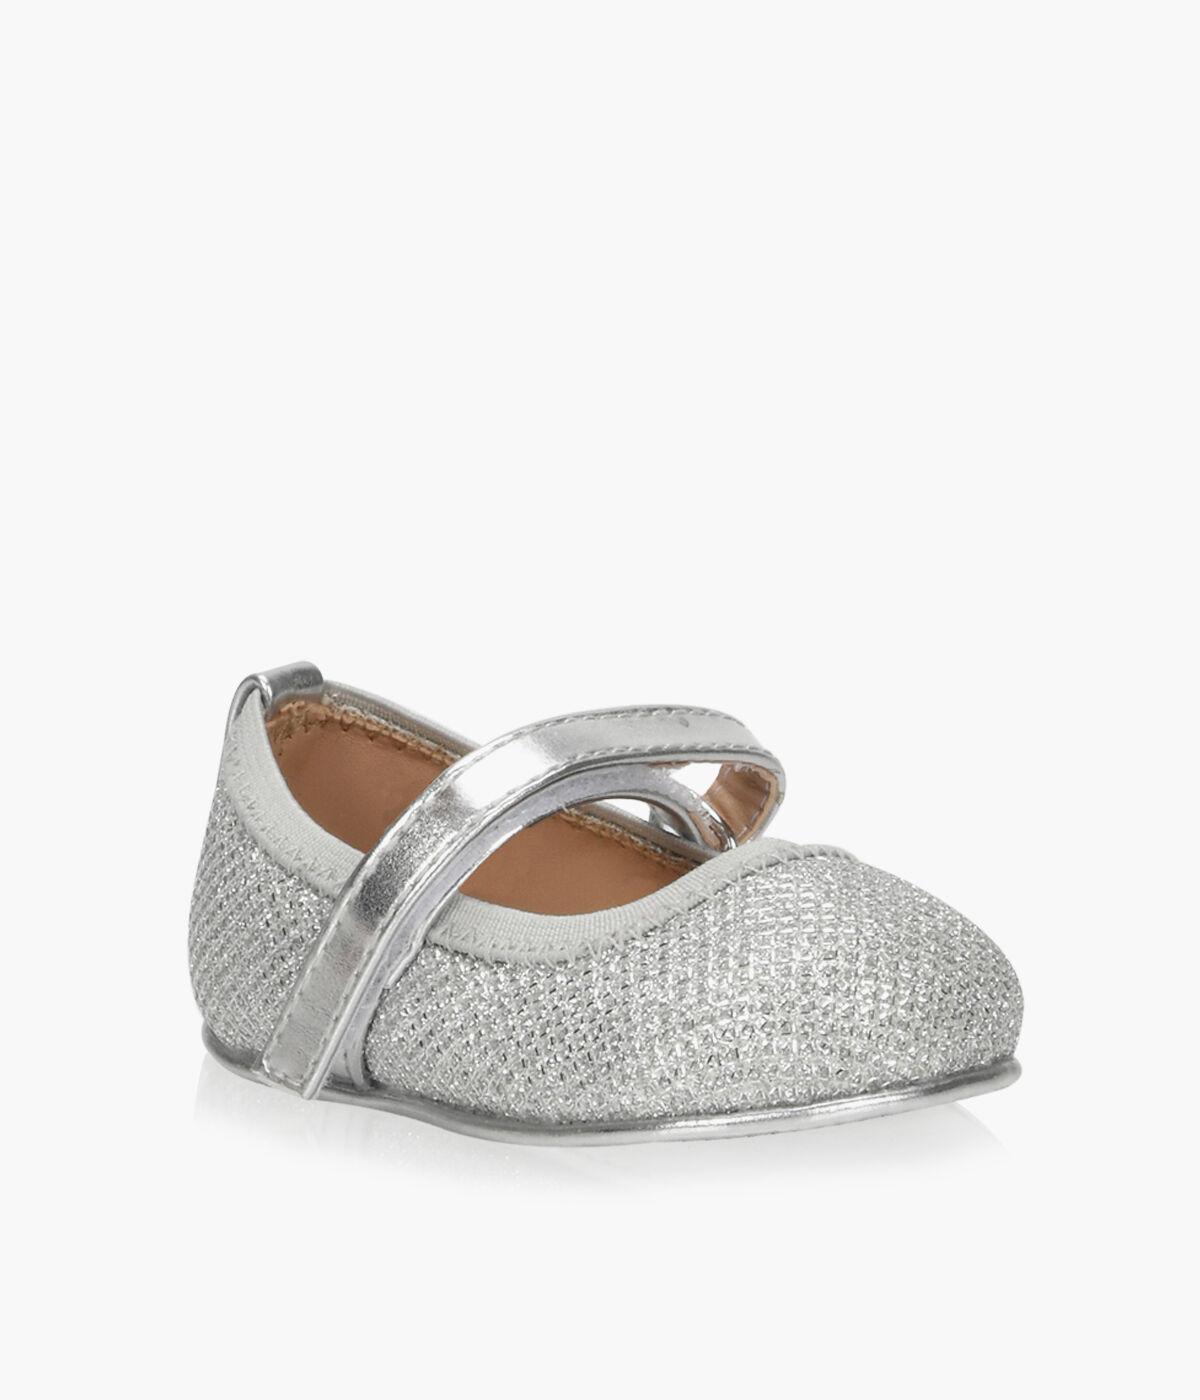 STUART WEITZMAN BABY DANCE | Browns Shoes